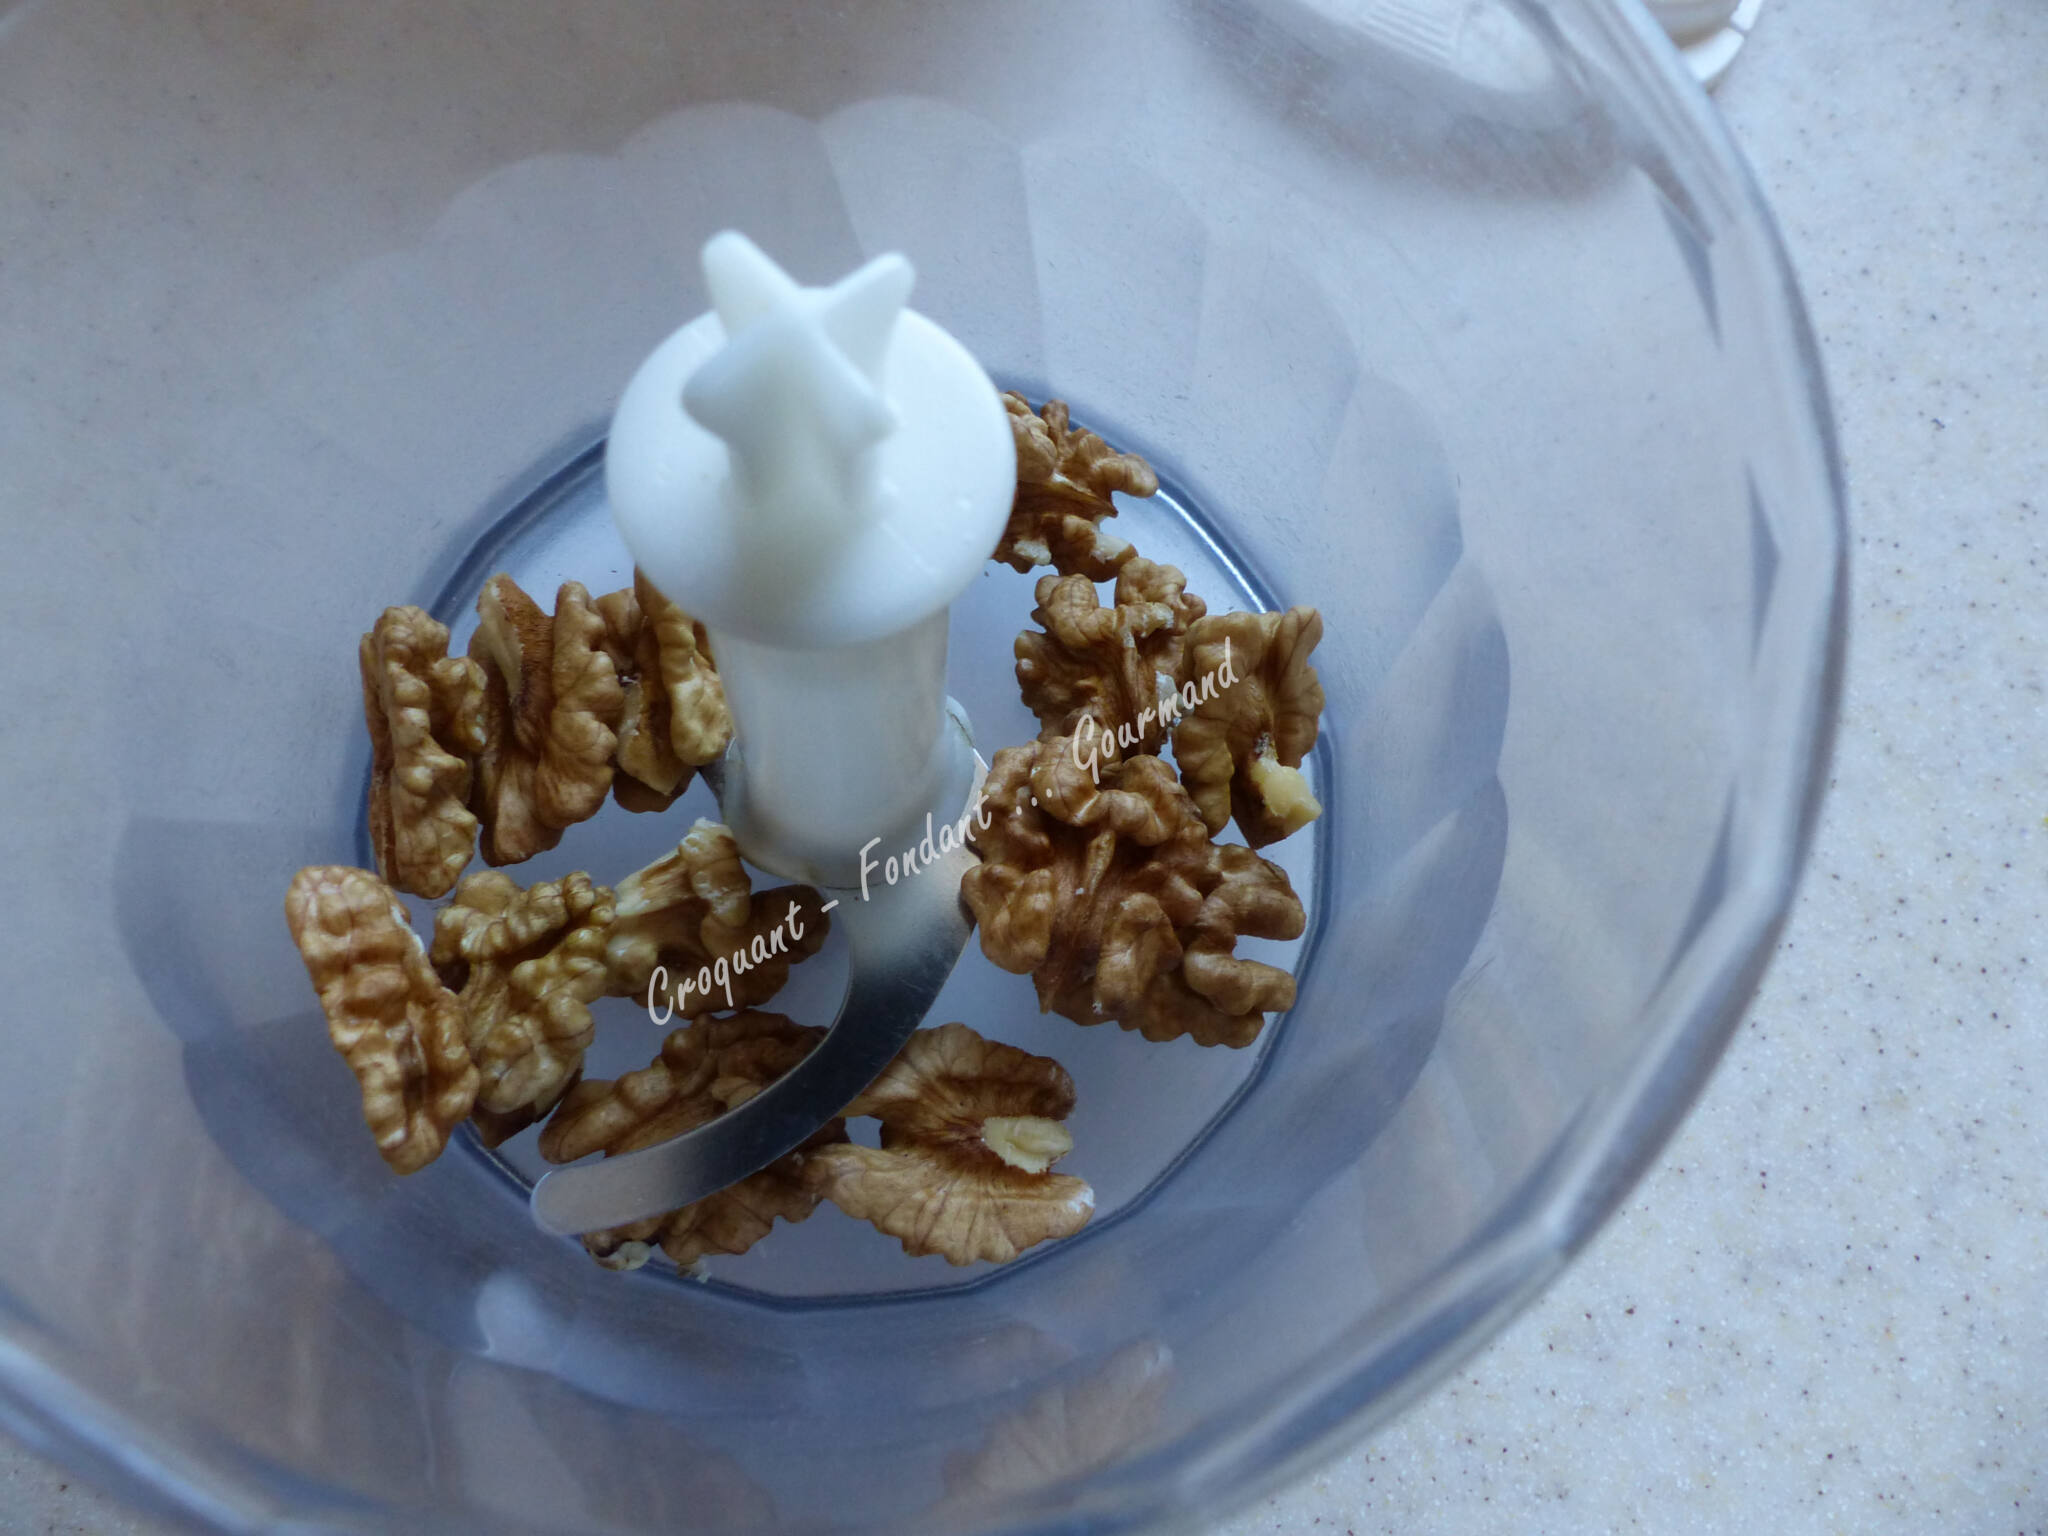 Endives au café et crumble aux noix P1010785